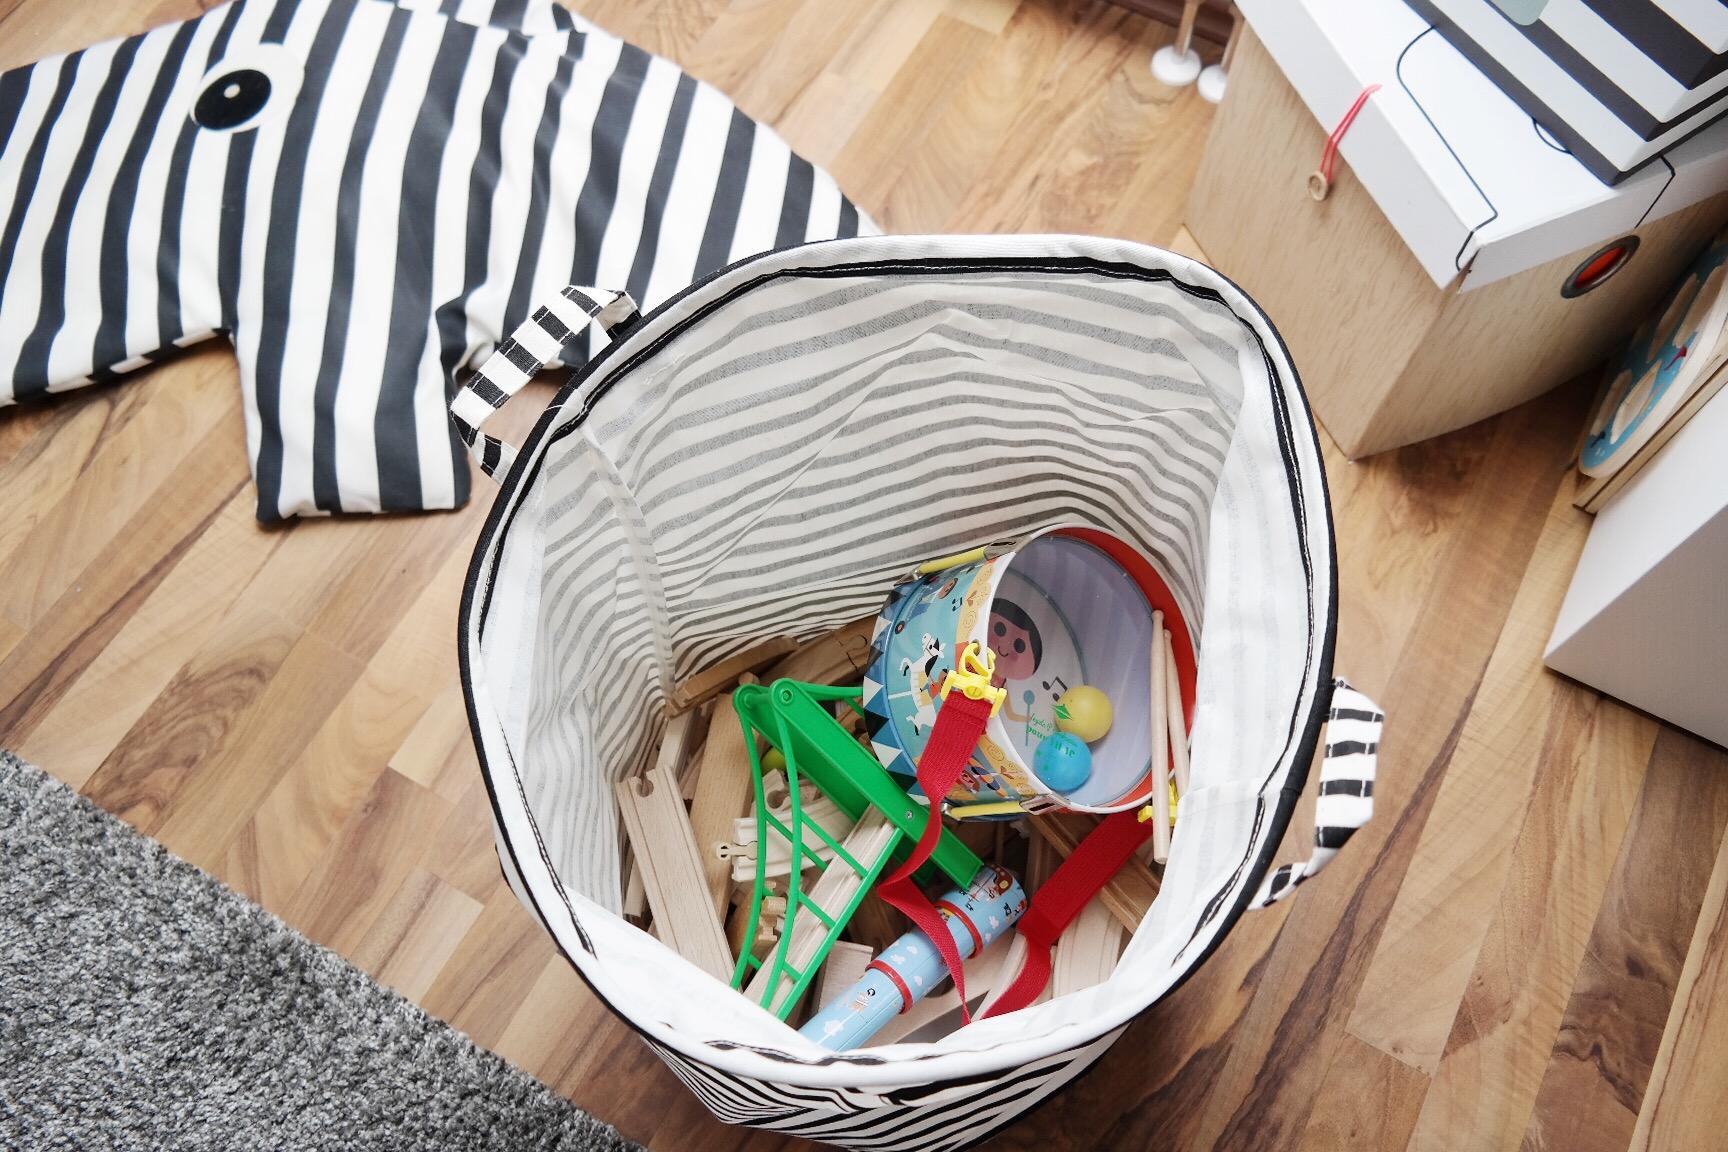 Spielzeug Verstauen Kinderzimmer kinderzimmer junge gewinnspiel mamablog einrichten schwarz weiß rot